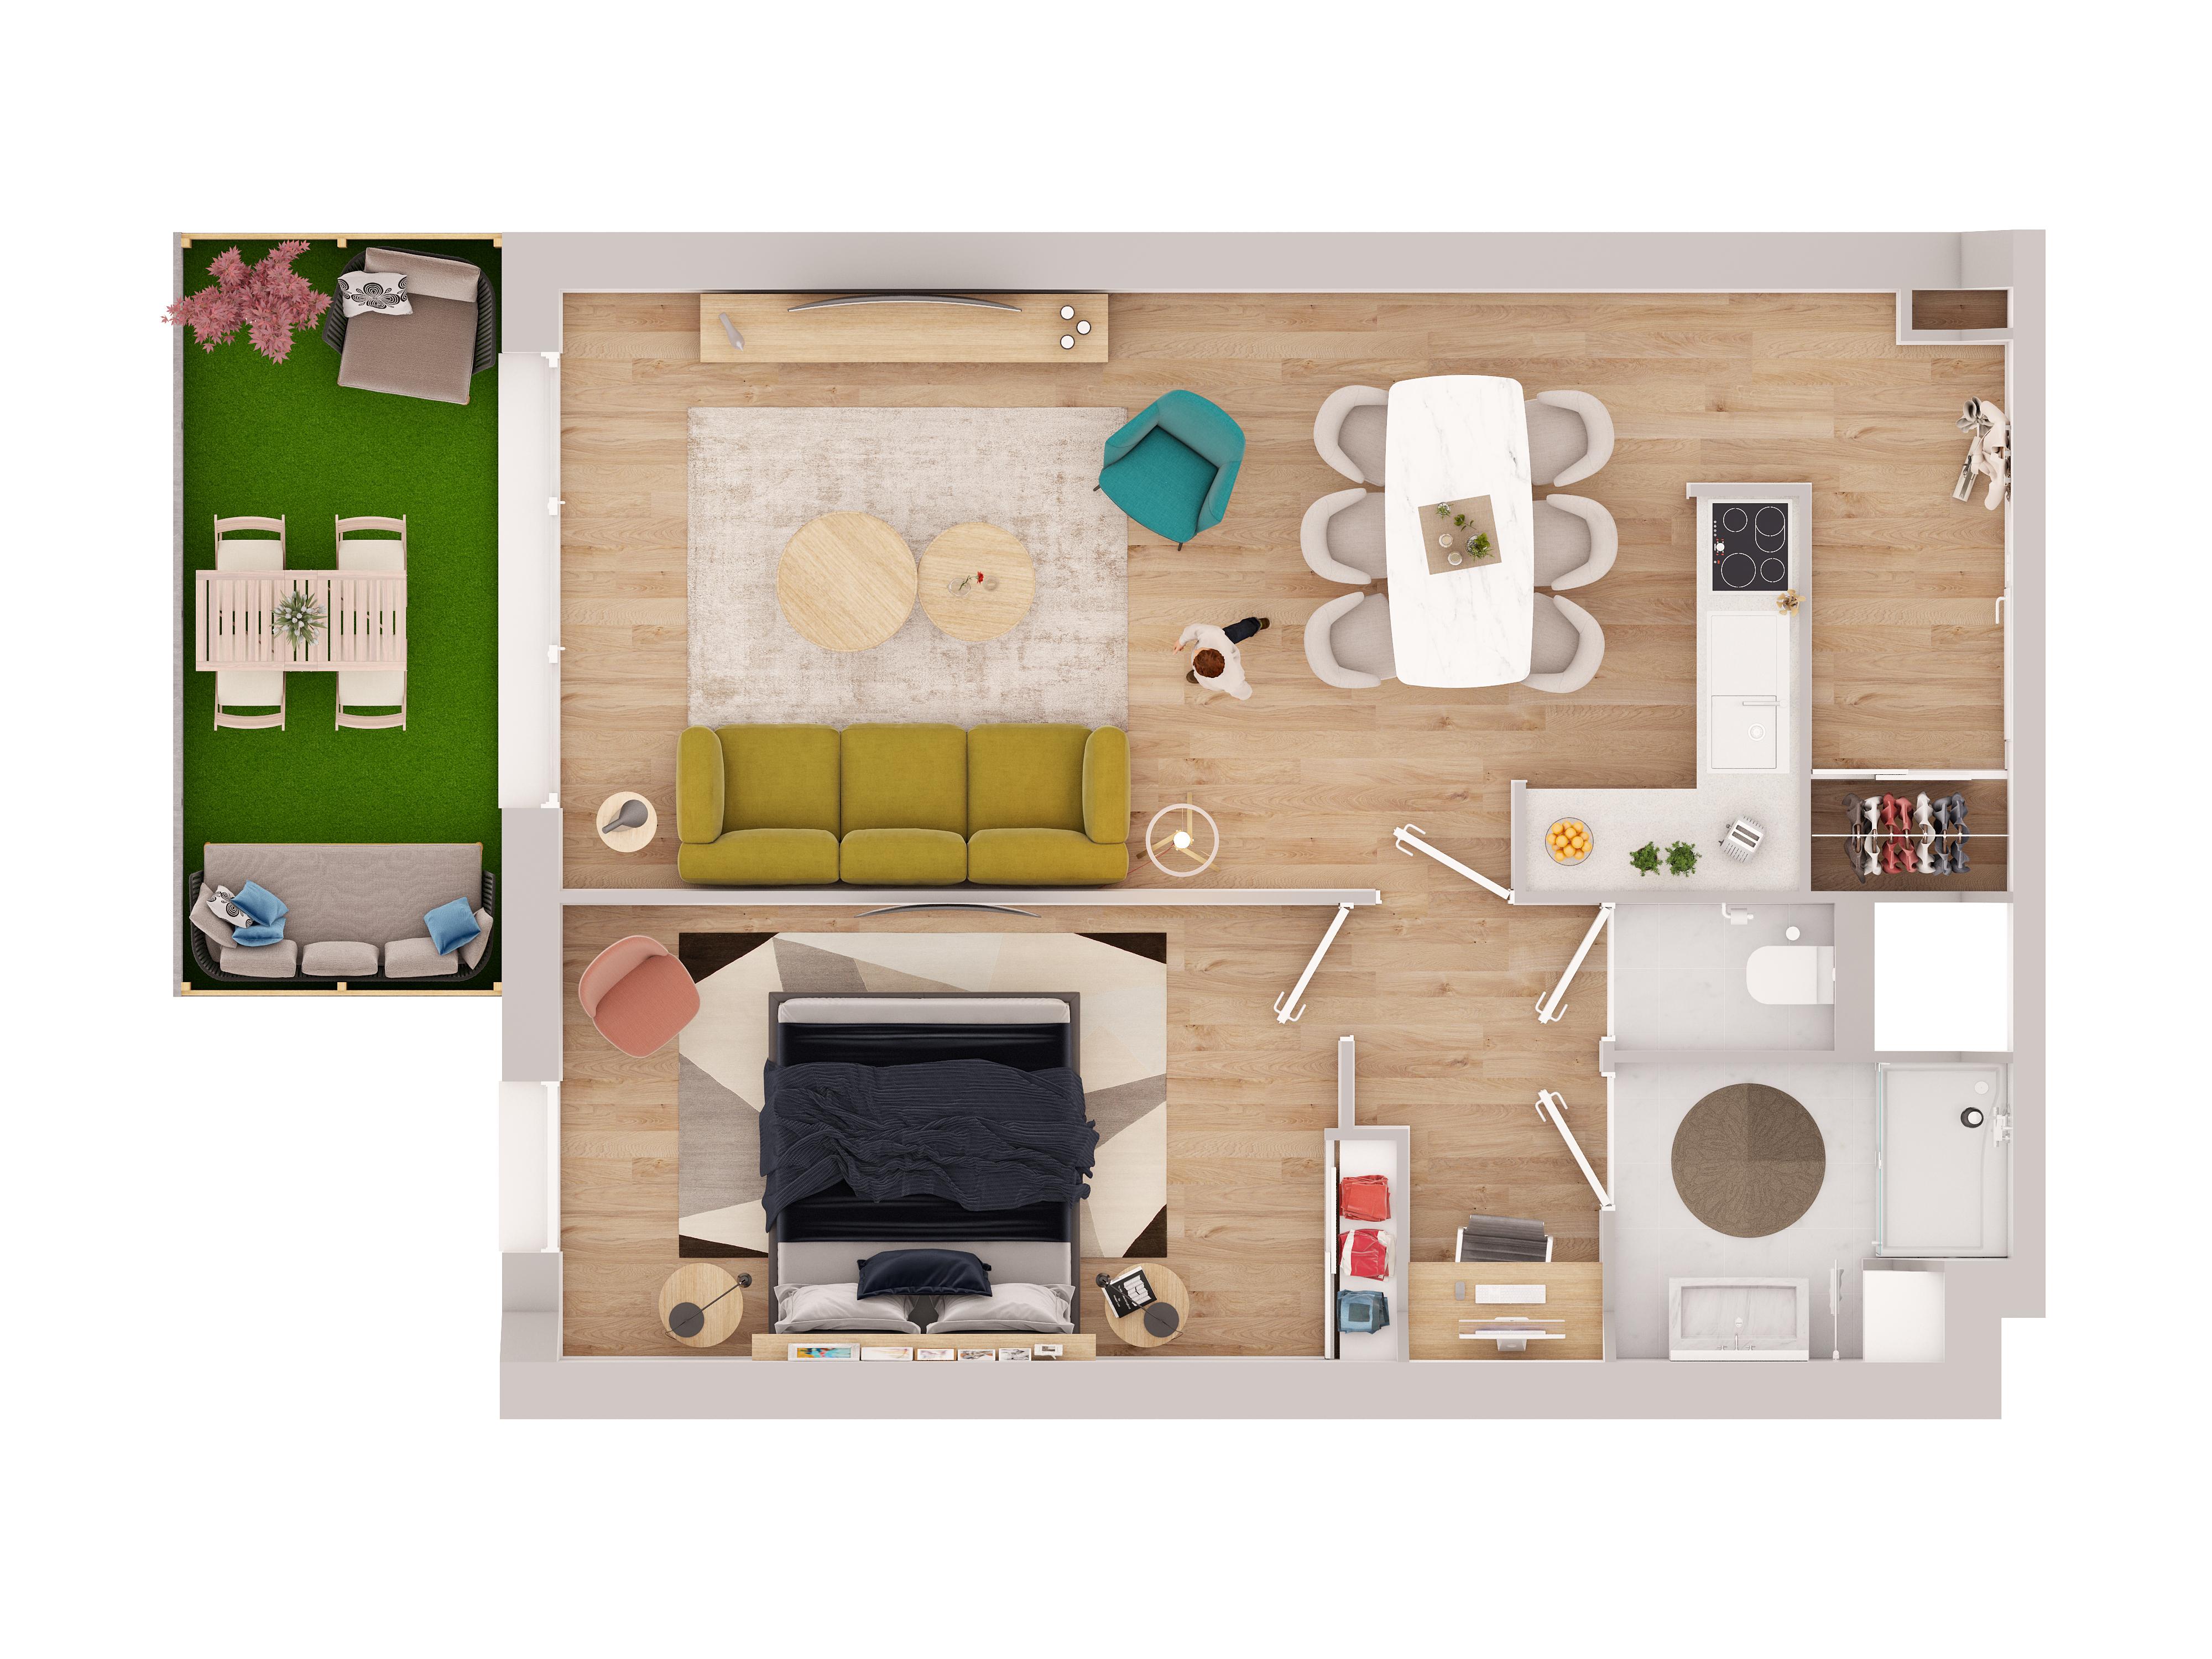 Appartement neuf Vinci Adim Primmea Petit-Quevilly 76140 LOI PINEL